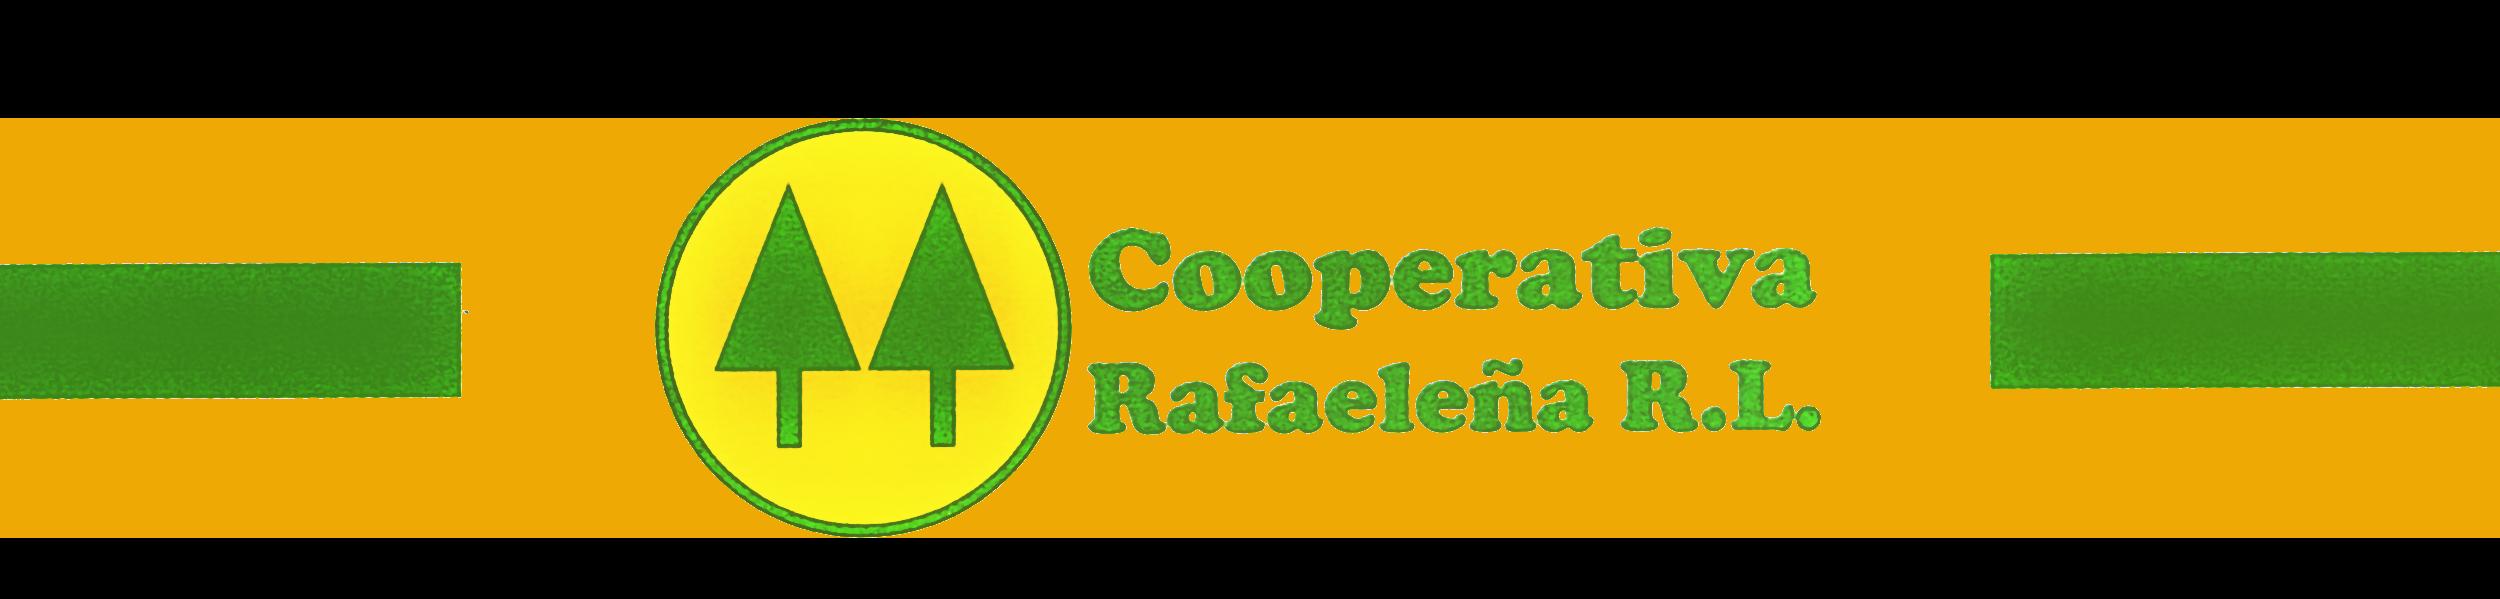 Cooperativa Integral de Ahorro y Crédito Rafaeleña R.L.